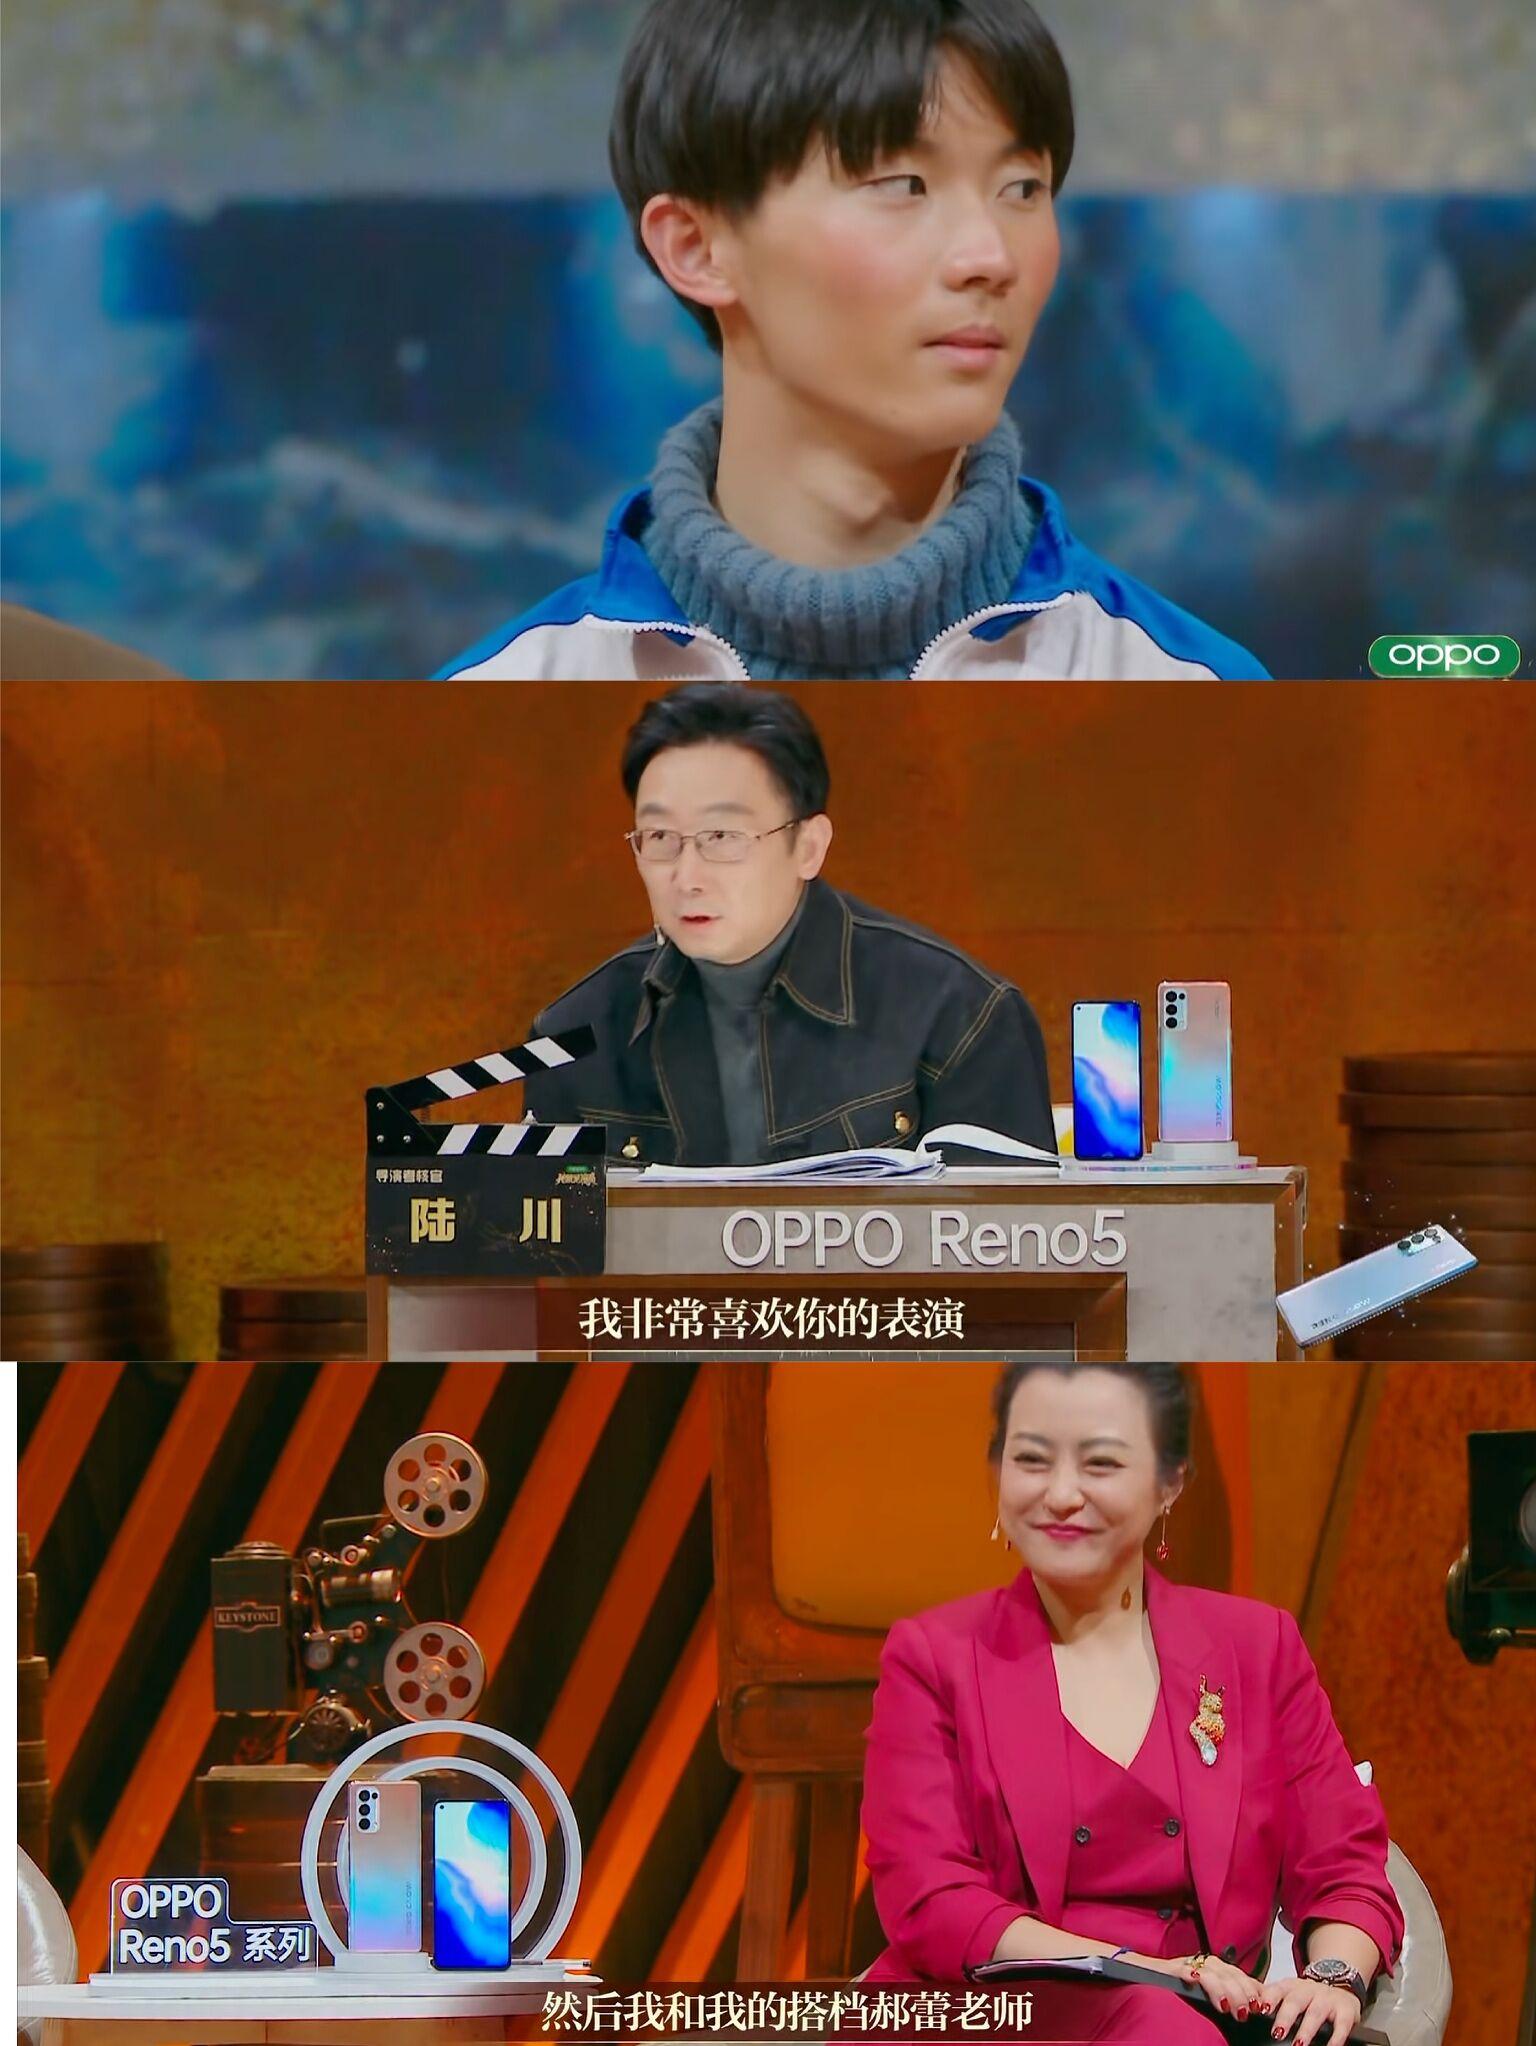 《演员》乐华杠上时代峰峻,李汶翰无惧劝退,霸气回怼:粉丝喜欢